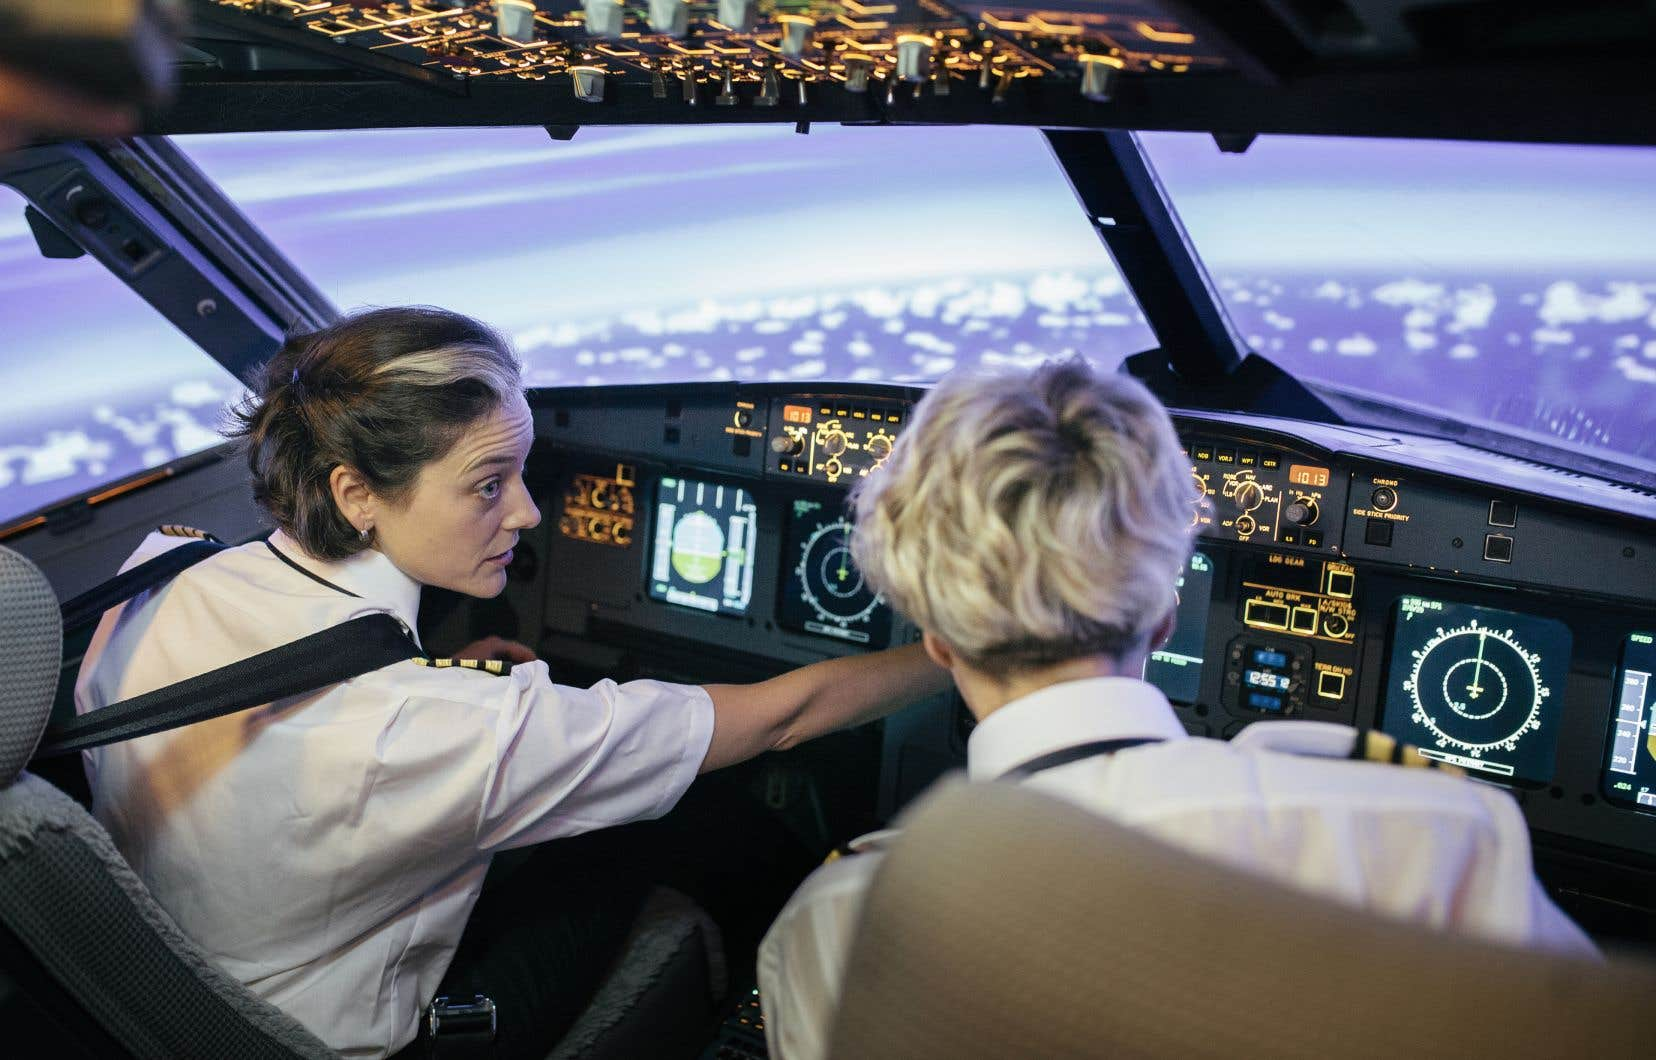 Le cégep de Chicoutimi, qui offre en exclusivité depuis un demi-siècle la formation en pilotage, fait désormais face à deux concurrents privés.